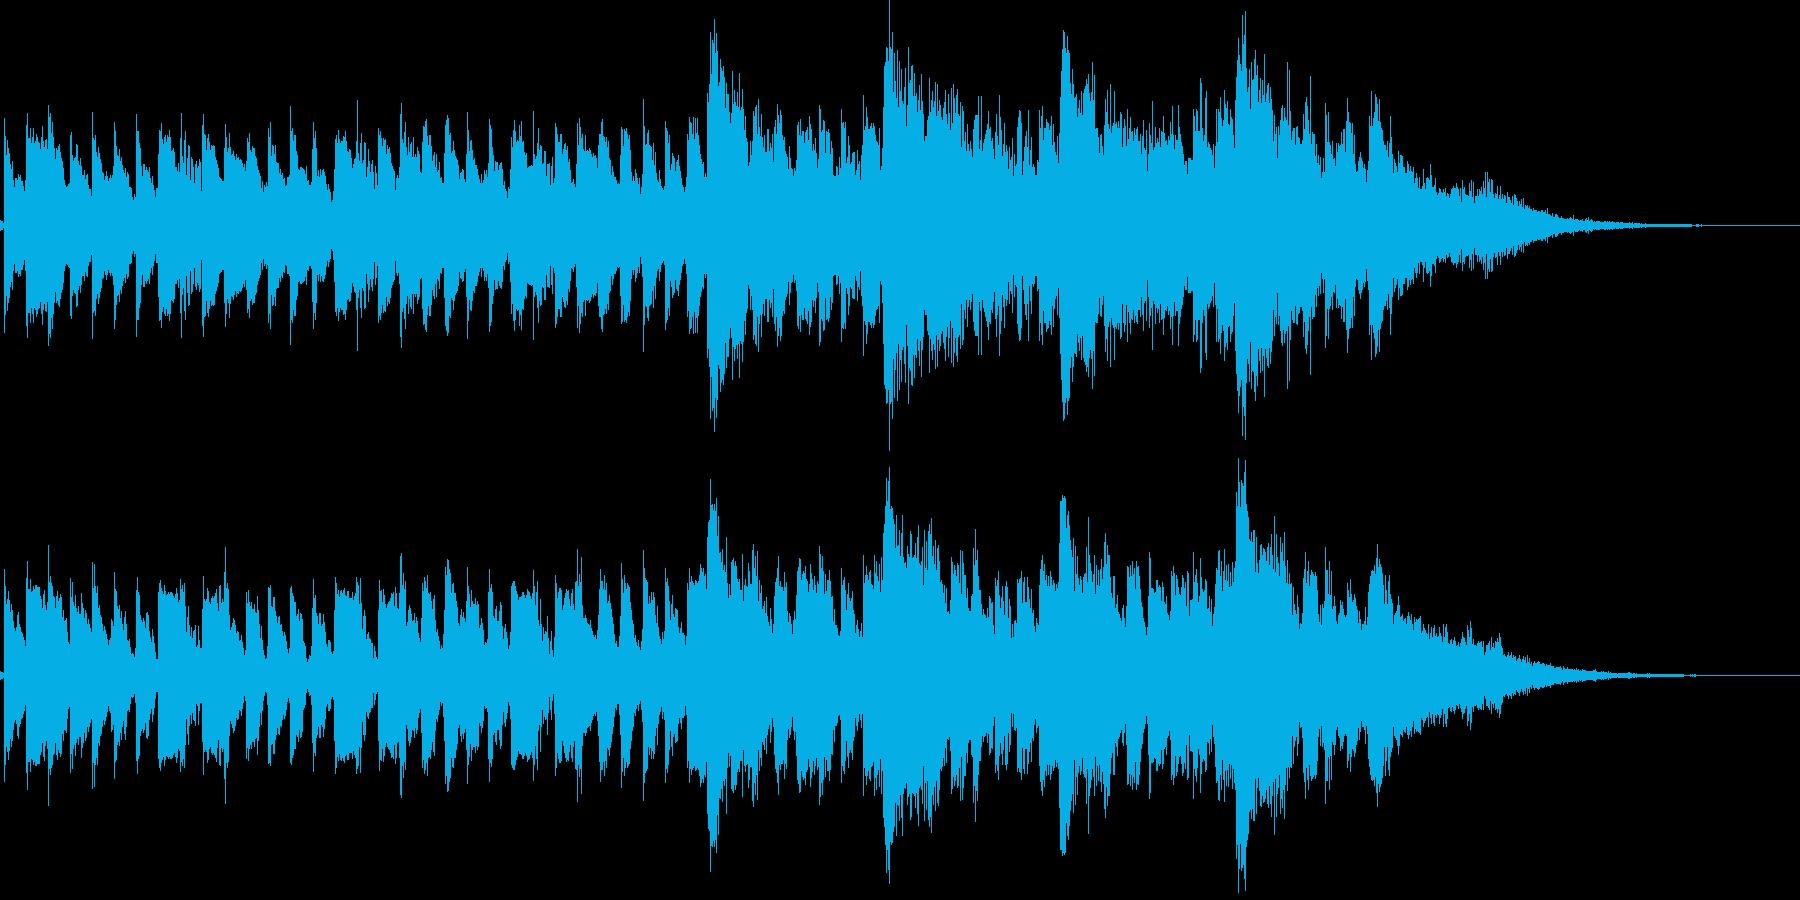 琴 ストリングス ジングル サウンドロゴの再生済みの波形